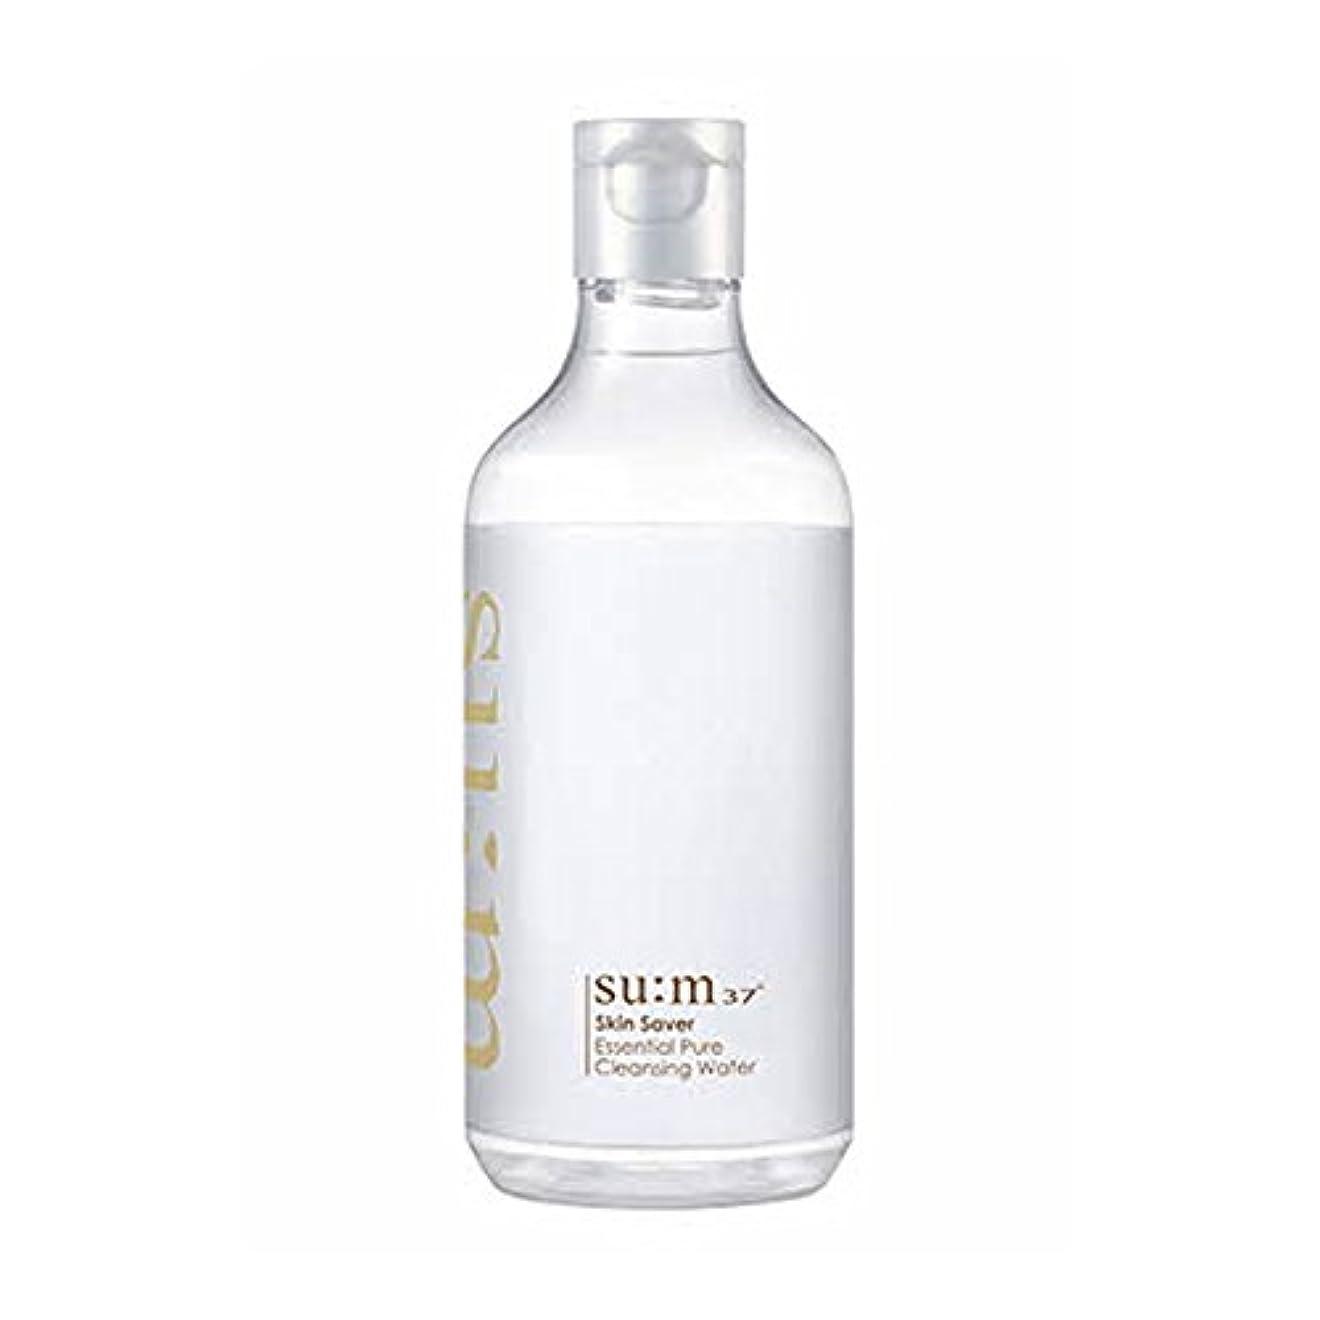 時々戸口退屈[スム37°] Sum37° スキンセイバー エッセンシャルピュアクレンジングウォーター  Skin saver Essential Pure Cleansing Water (海外直送品) [並行輸入品]